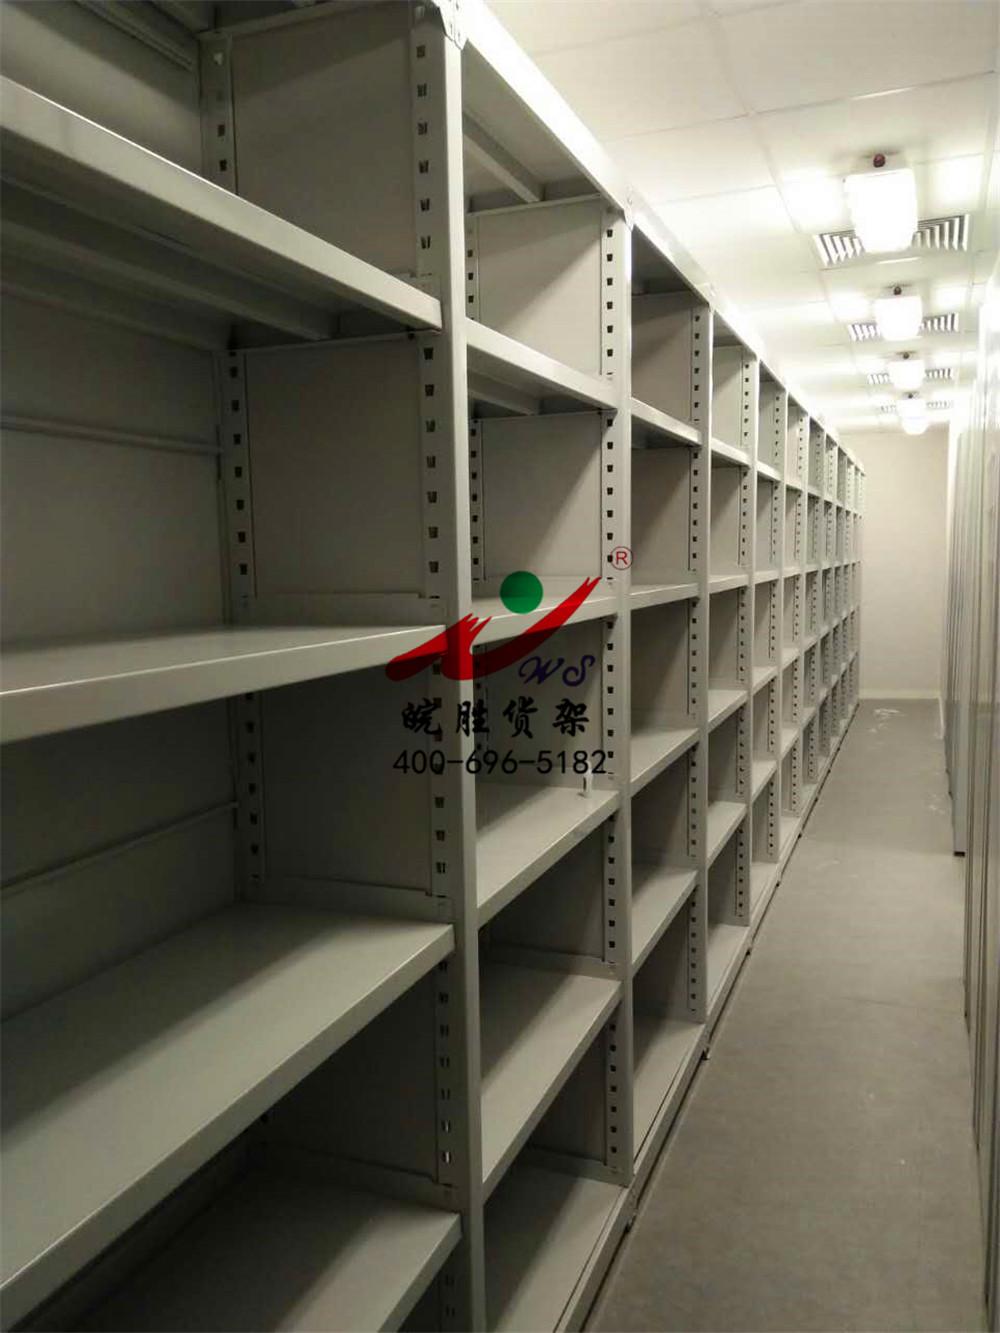 古驰(中国)贸易有限公司-厦门 中A货架 密集柜 更衣柜